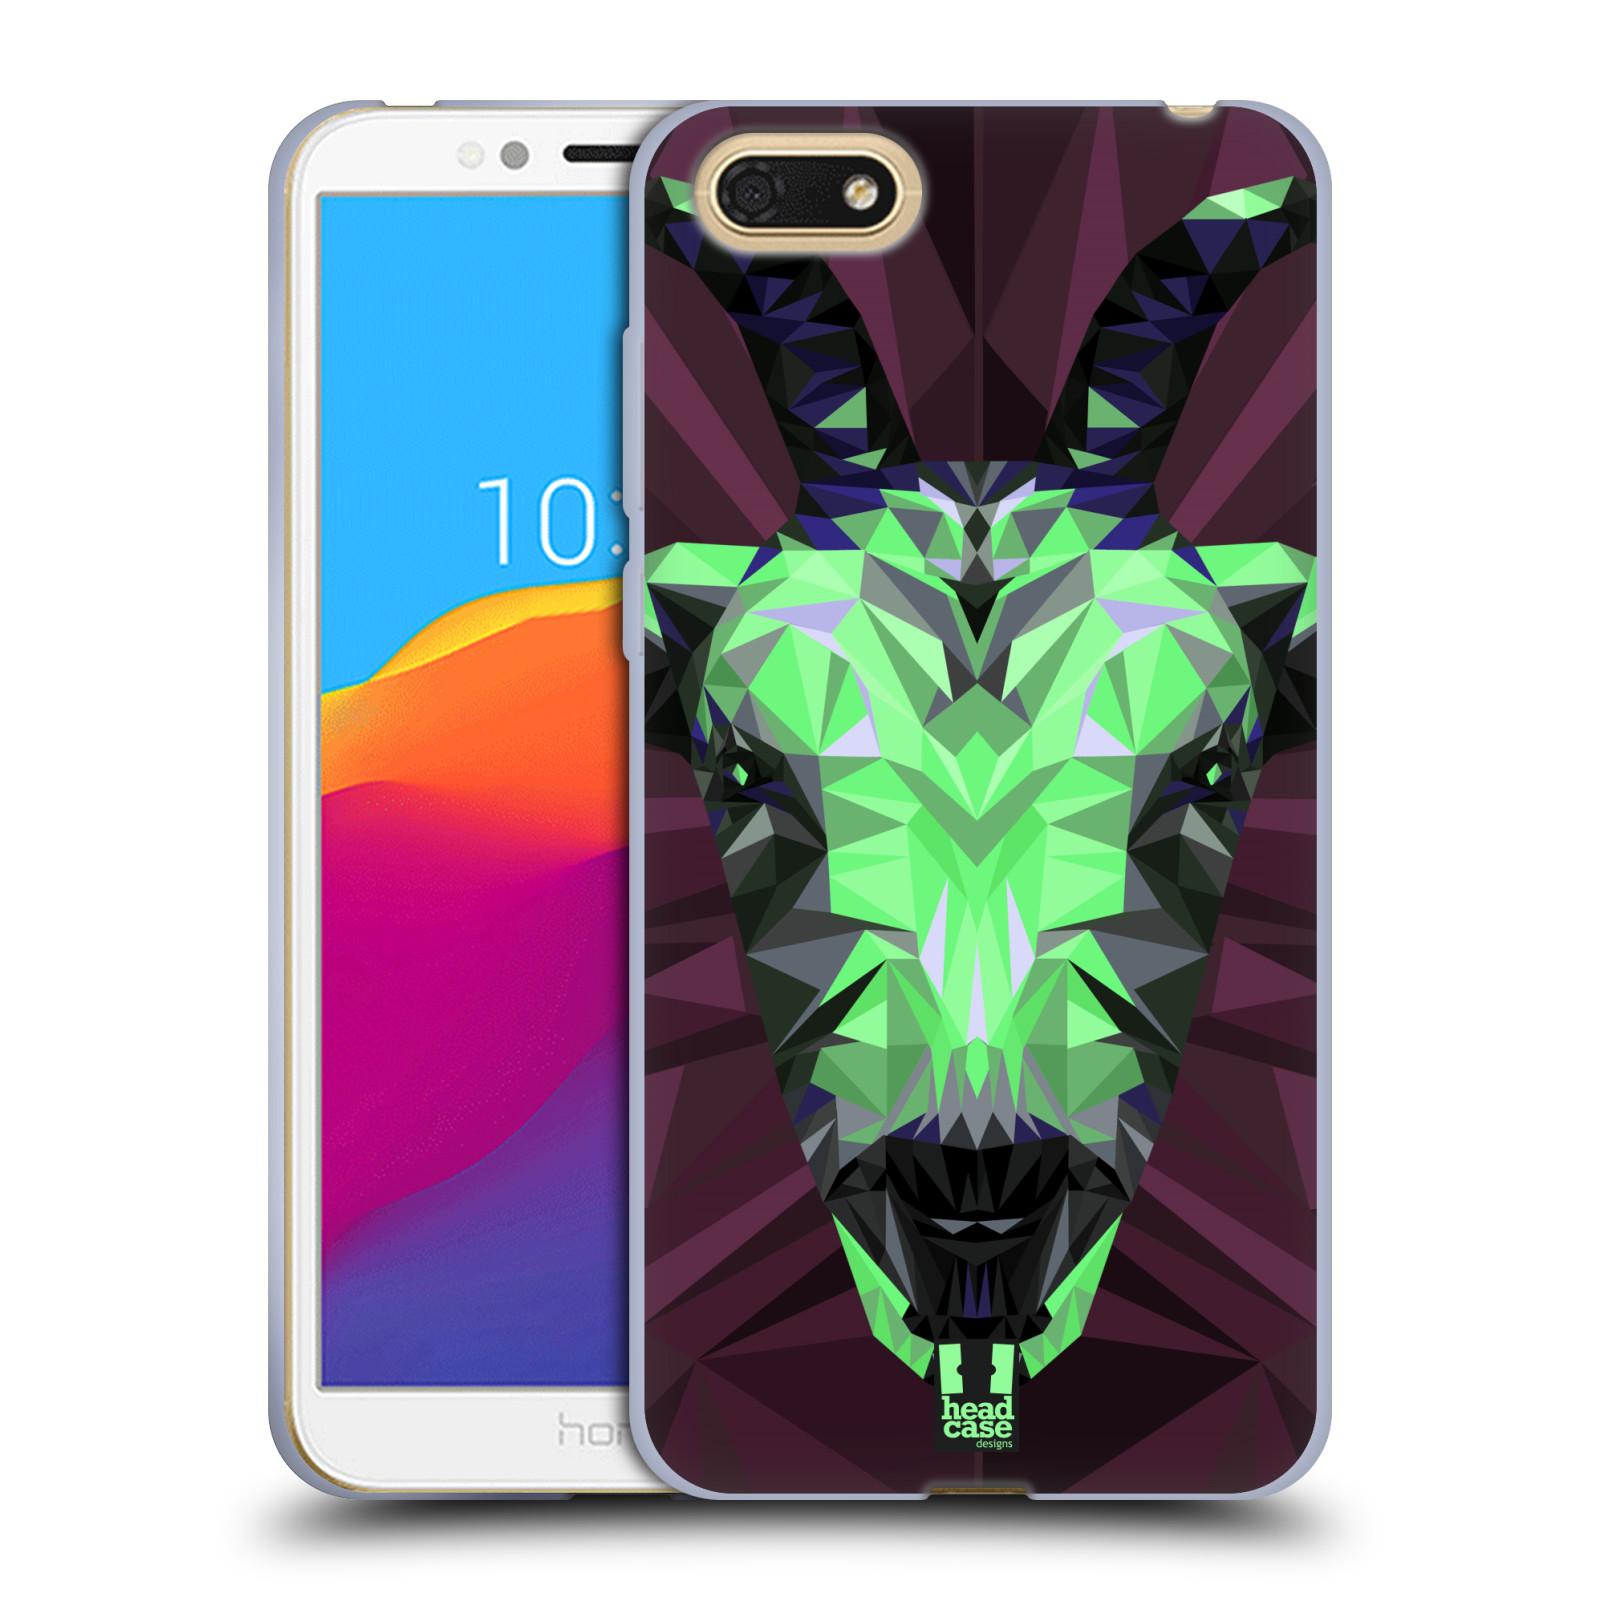 HEAD CASE silikonový obal na mobil Honor 7S vzor Geometrická zvířata 2 kozel